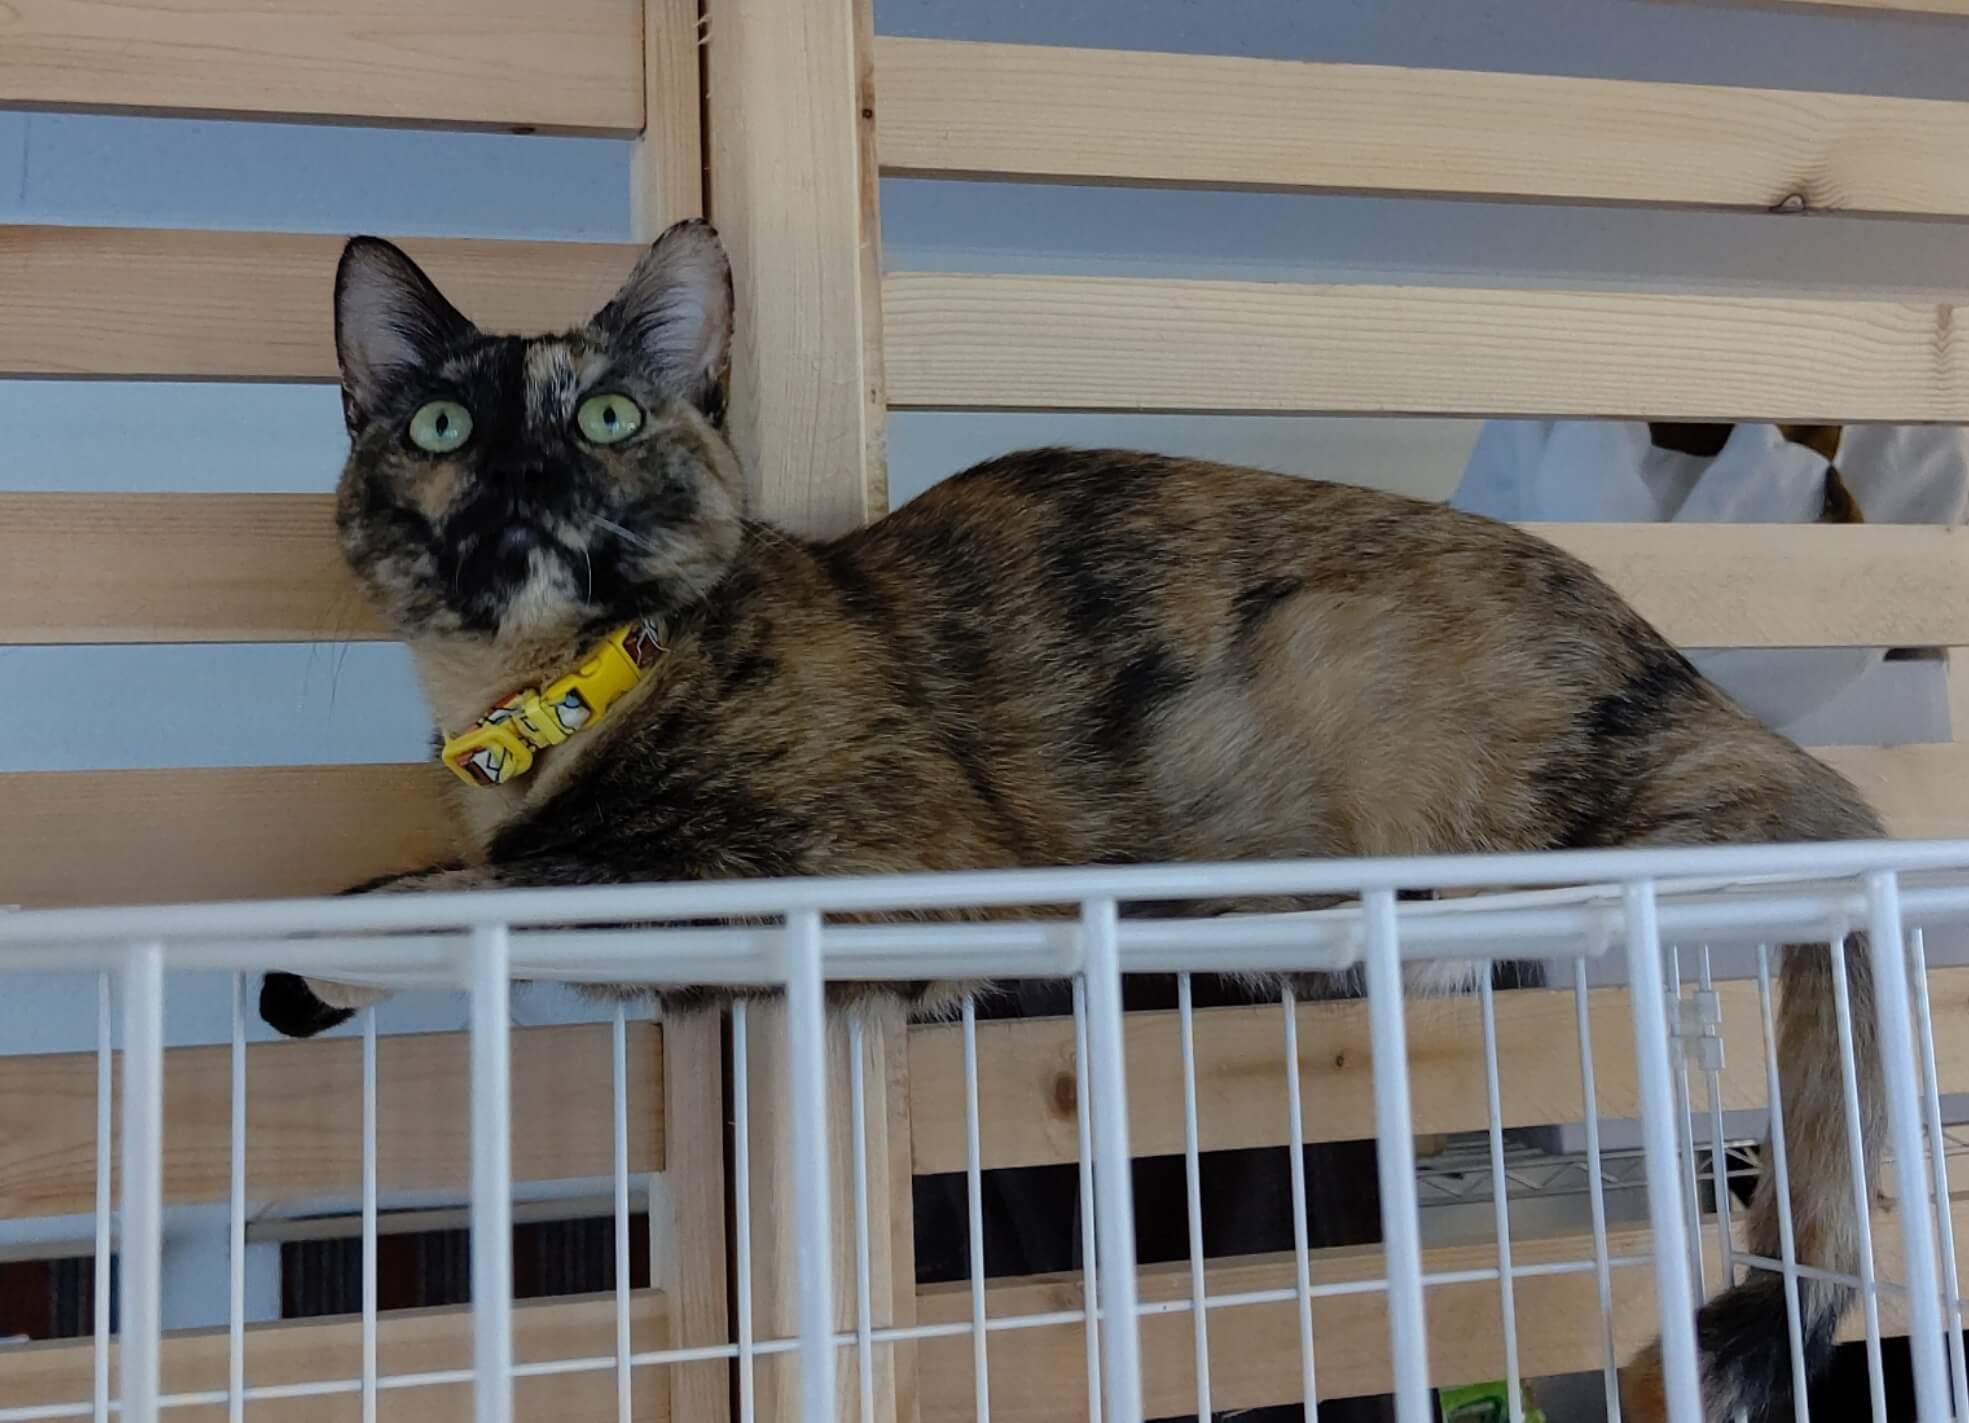 キャスパー推定2歳♀サビ猫